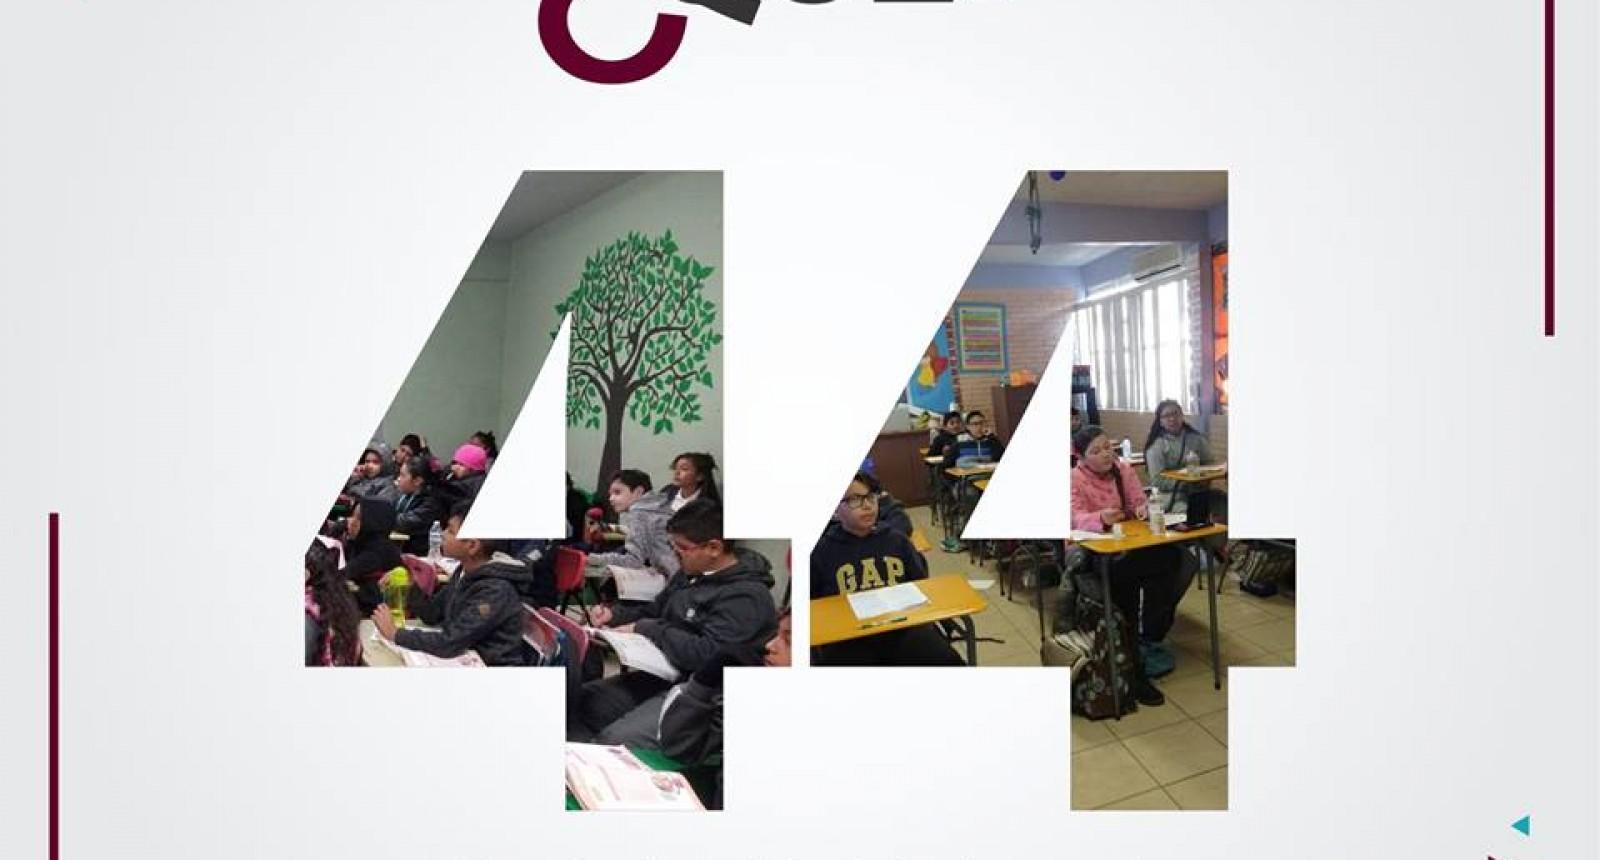 44 escuelas han sido visitadas por el Departamento de Cultura del agua